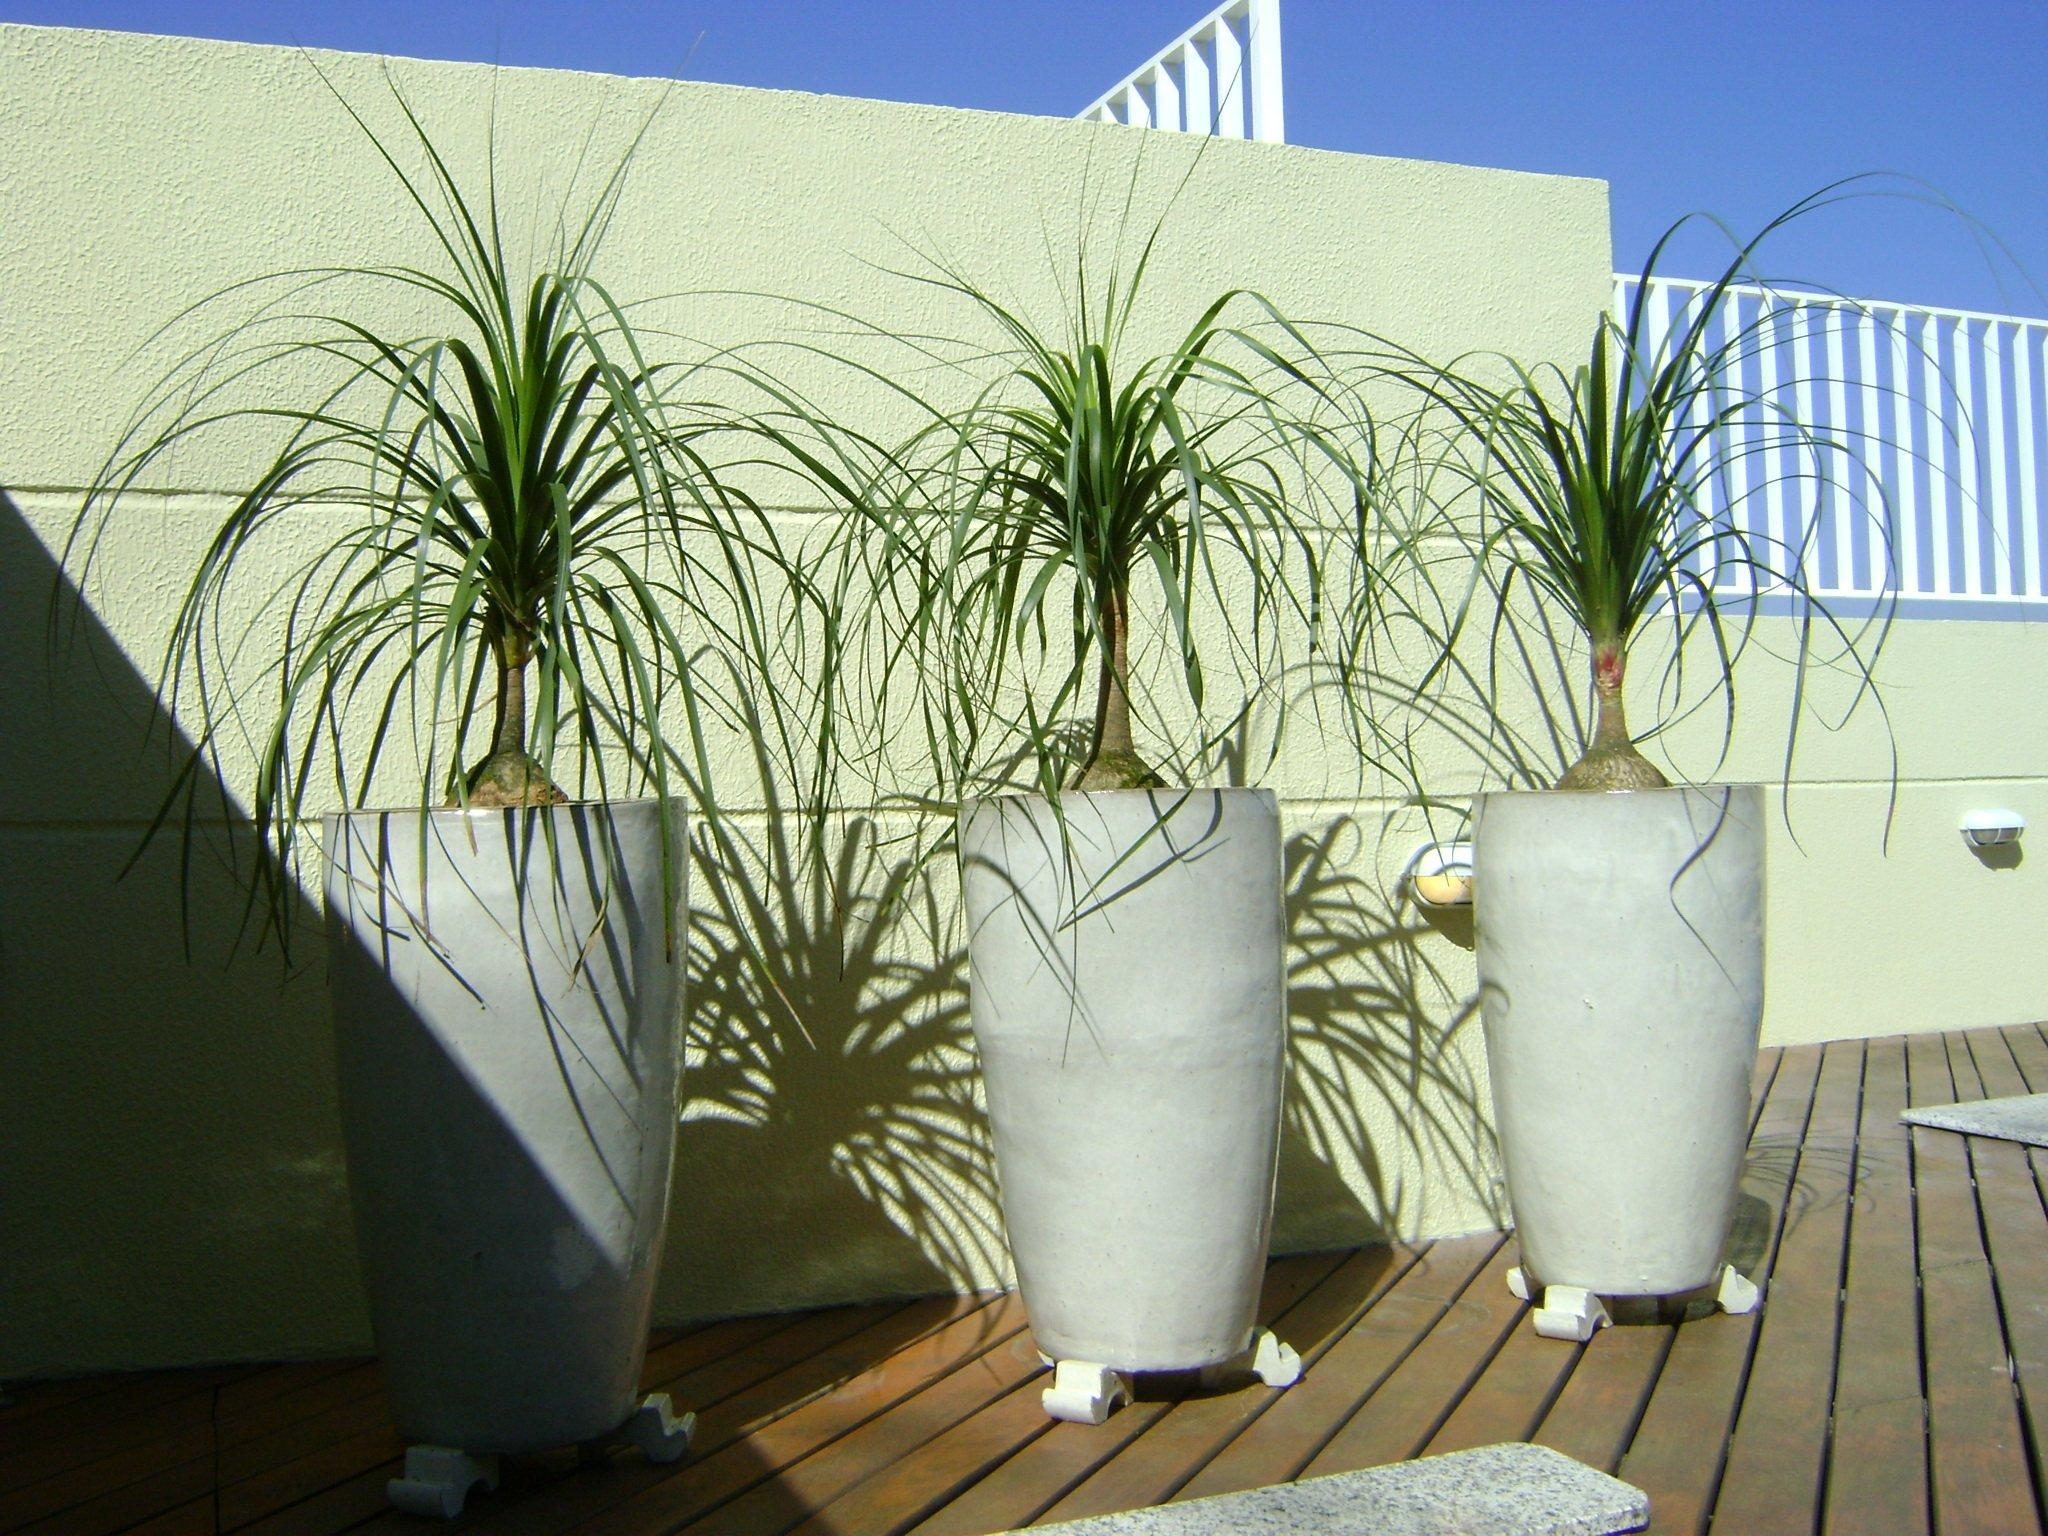 água por ser uma planta típica de regiões de deserto